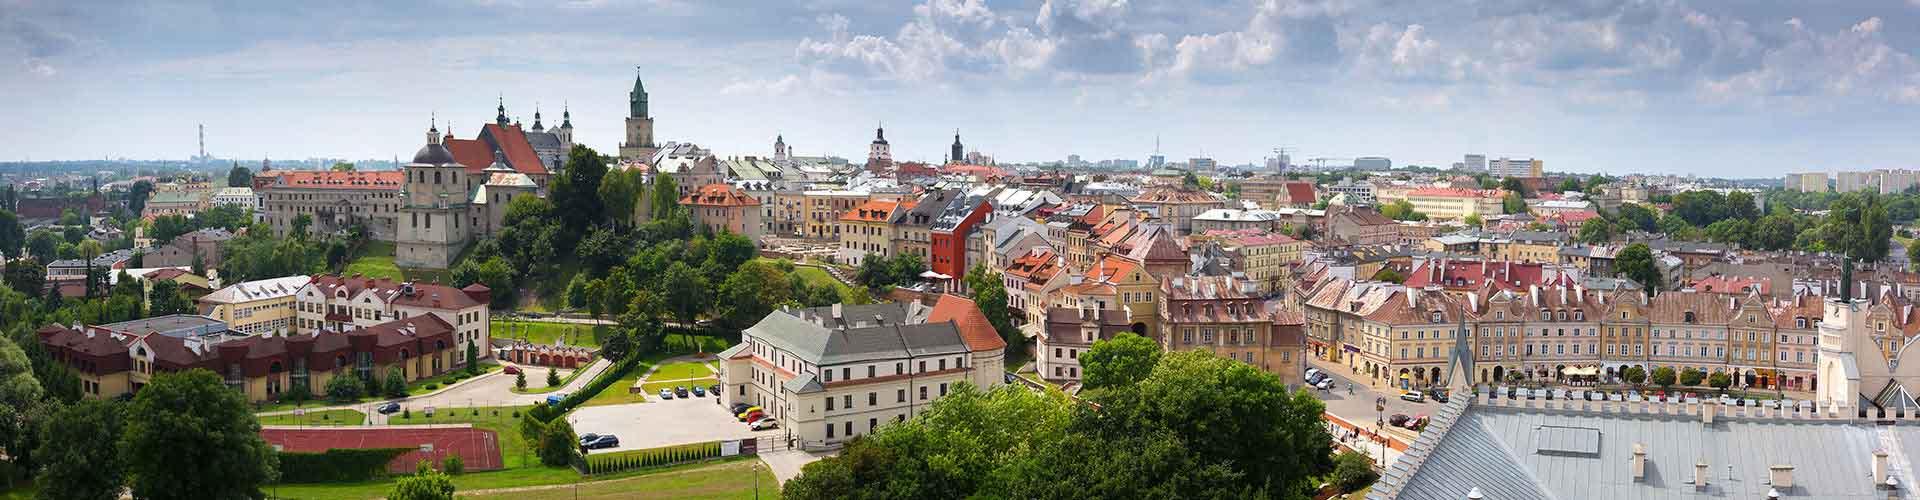 Lublin - Hoteles baratos en Lublin. Mapas de Lublin, Fotos y comentarios de cada Hotel en Lublin.